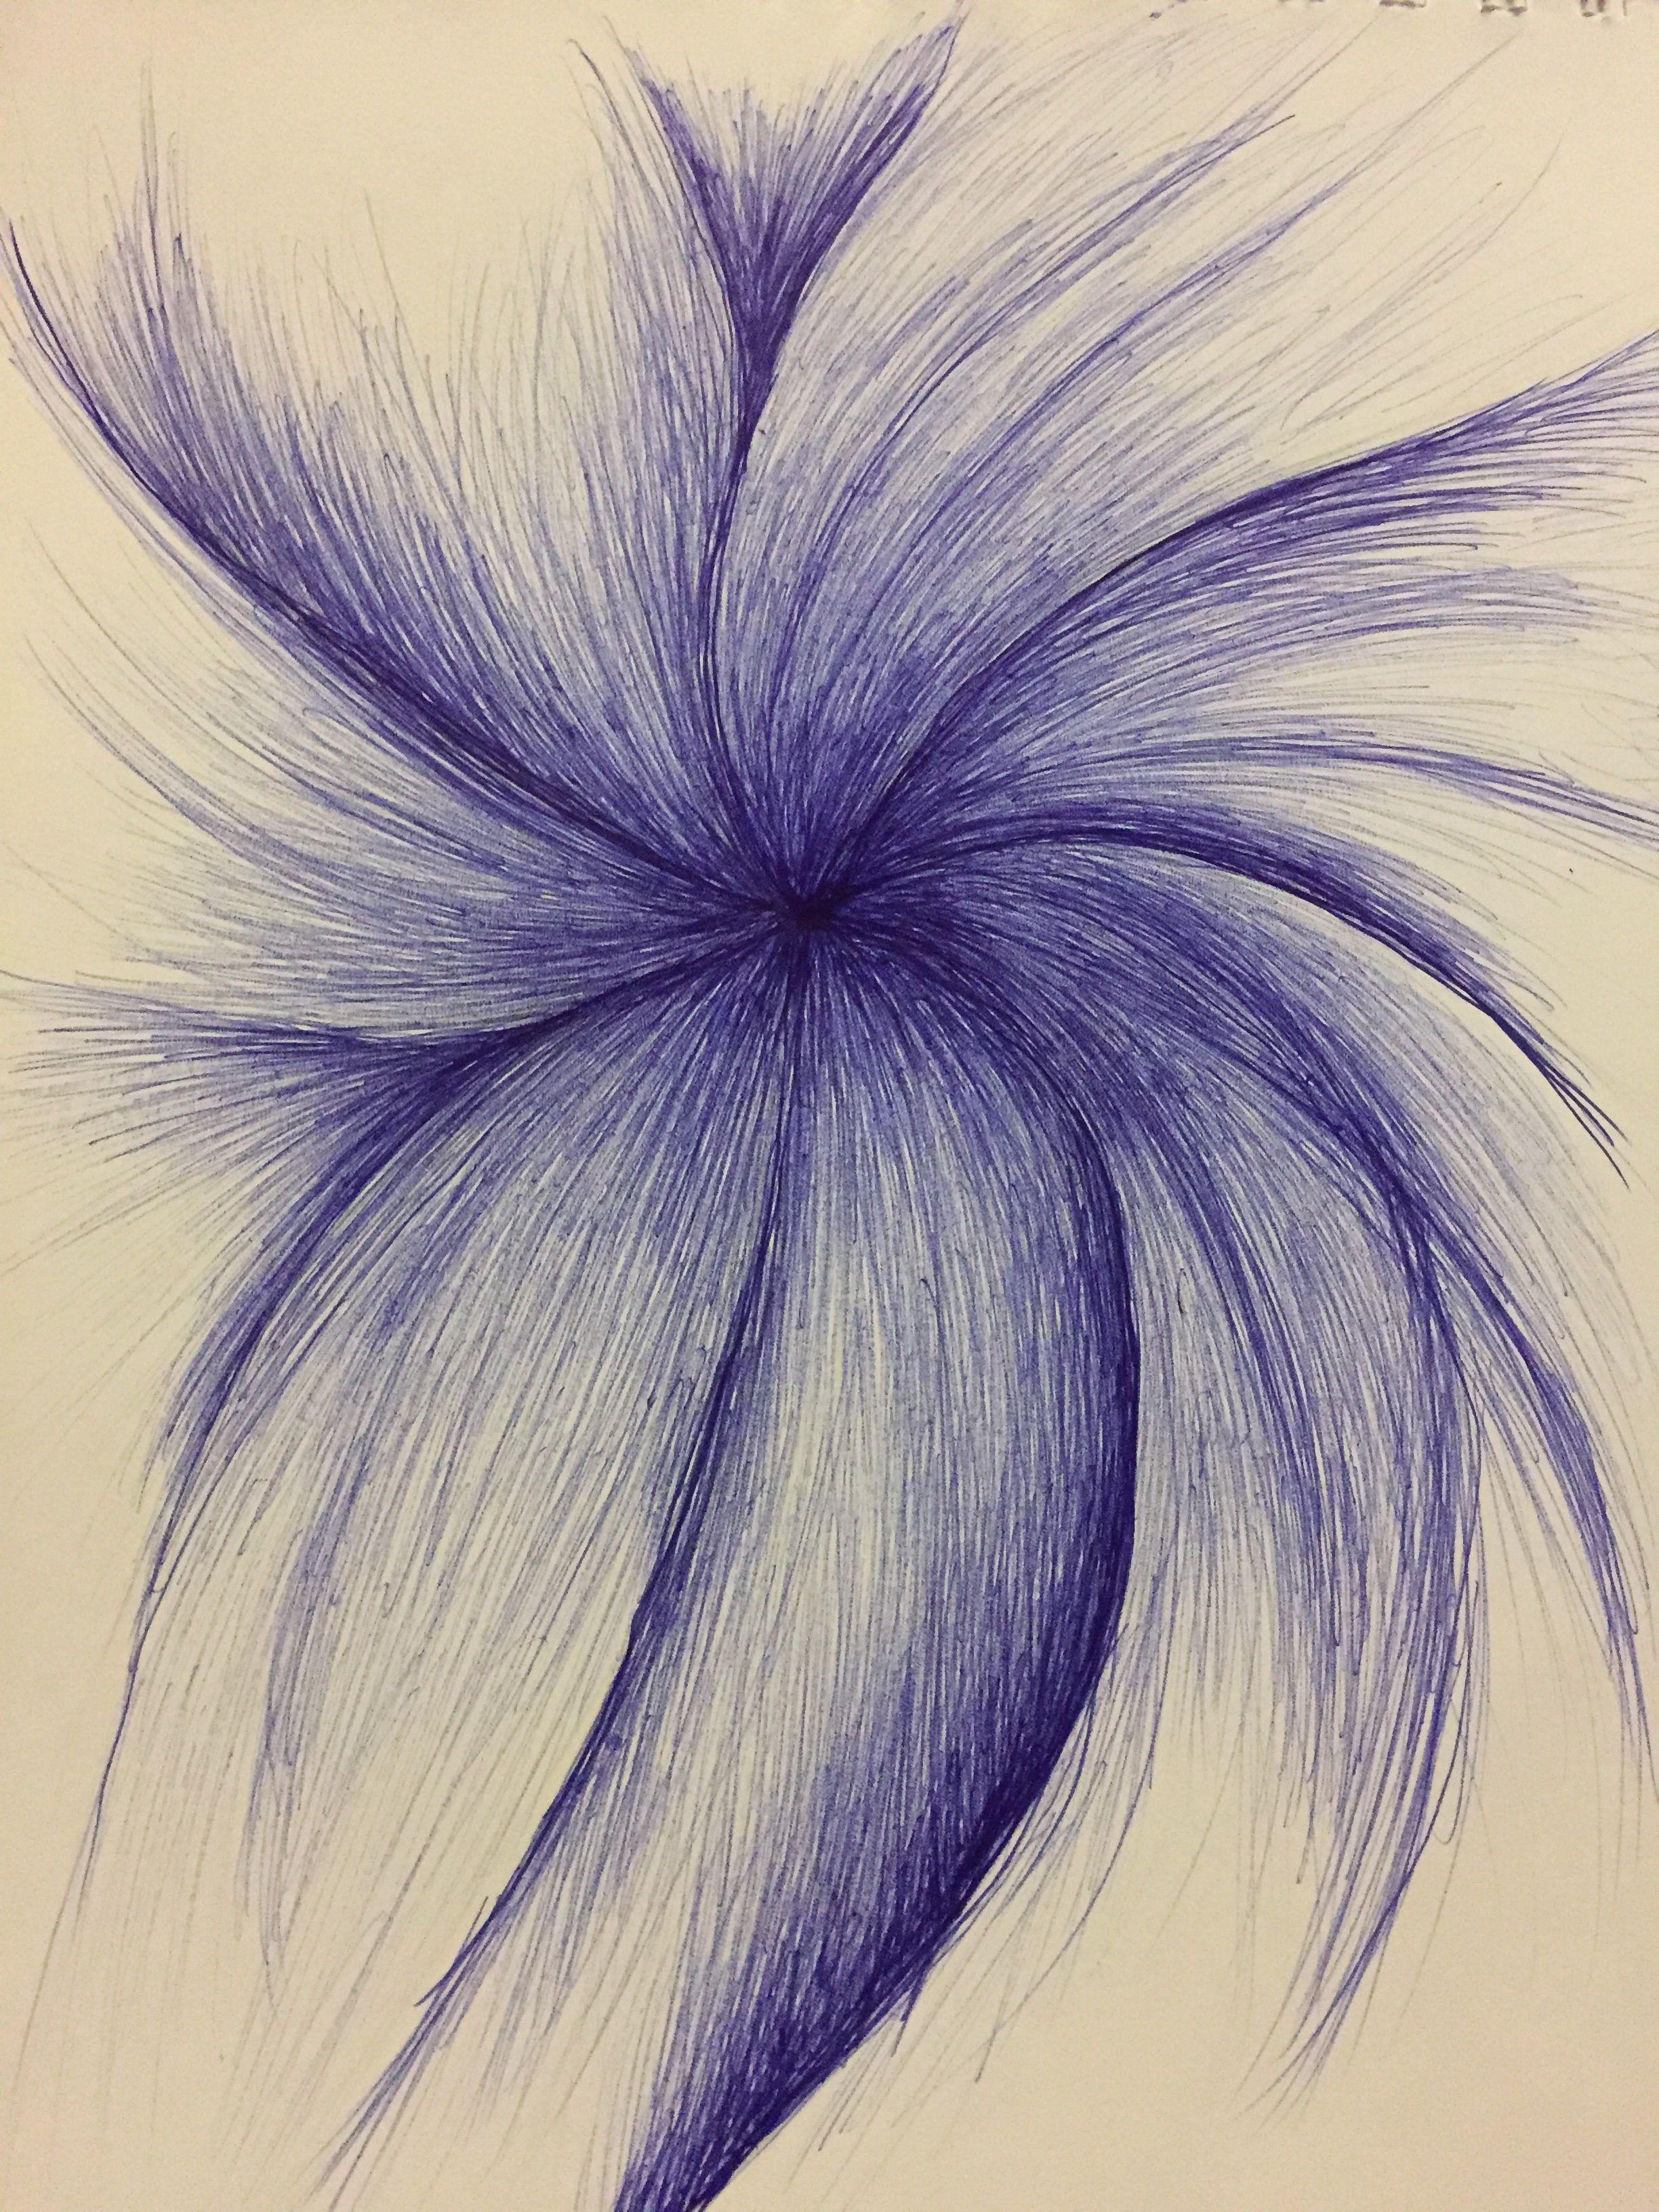 Pin By Alex Edwards On My Art